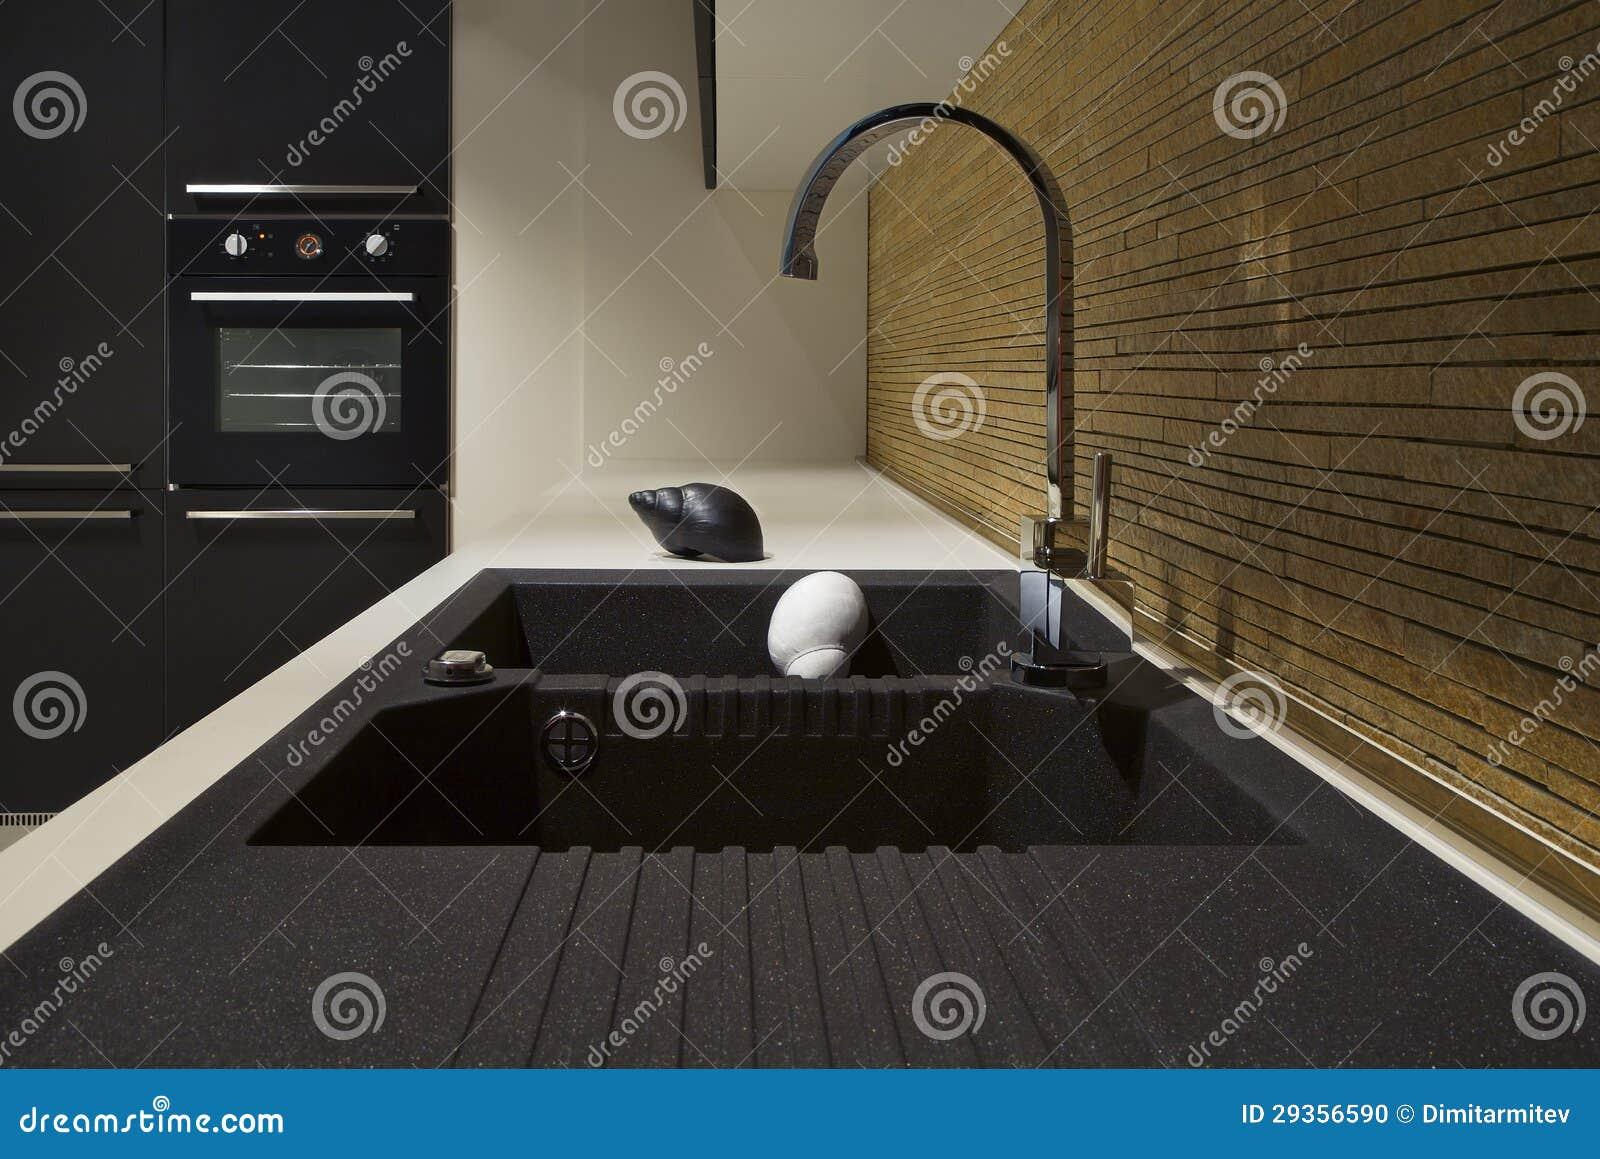 Zwart Keuken Fornuis : Landelijke keuken fornuis zwart wit het atelier mooi landelijke